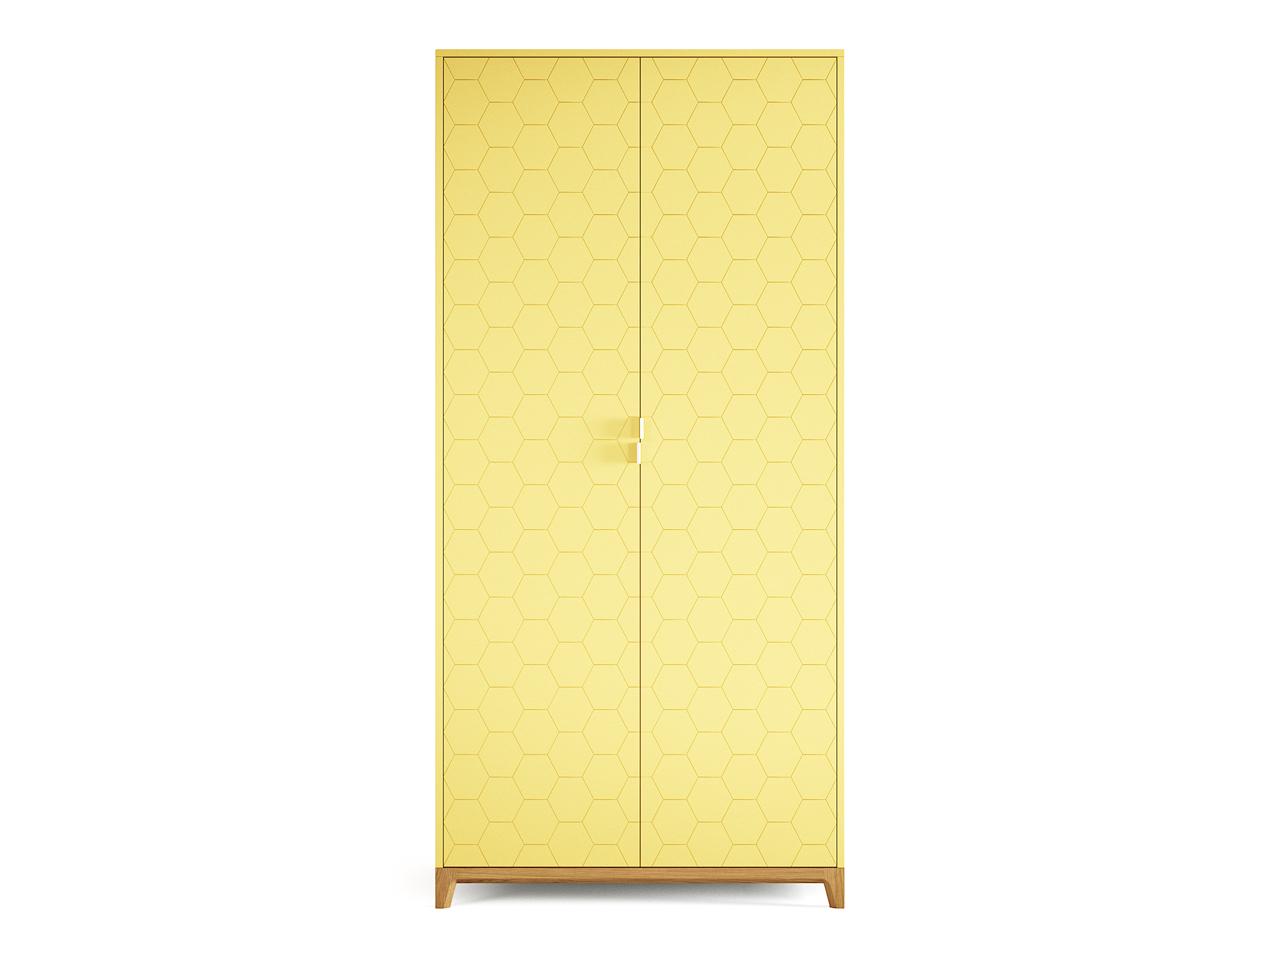 Шкаф Case №3Платяные шкафы<br>Компактный шкаф CASE №3 сочетает в себе продуманную структуру и современный дизайн впишется даже в самое небольшое уютное помещение. Внутри комфортно расположены полки и штанги для вешалок, сплошная перфорация позволяет устанавливать полки в удобном положении.&amp;lt;div&amp;gt;&amp;lt;br&amp;gt;&amp;lt;/div&amp;gt;&amp;lt;div&amp;gt;Материал: массив дуба, МДФ, ДСП, эмаль, лак&amp;lt;br&amp;gt;&amp;lt;/div&amp;gt;<br><br>Material: Дуб<br>Ширина см: 100.0<br>Высота см: 210.0<br>Глубина см: 60.0